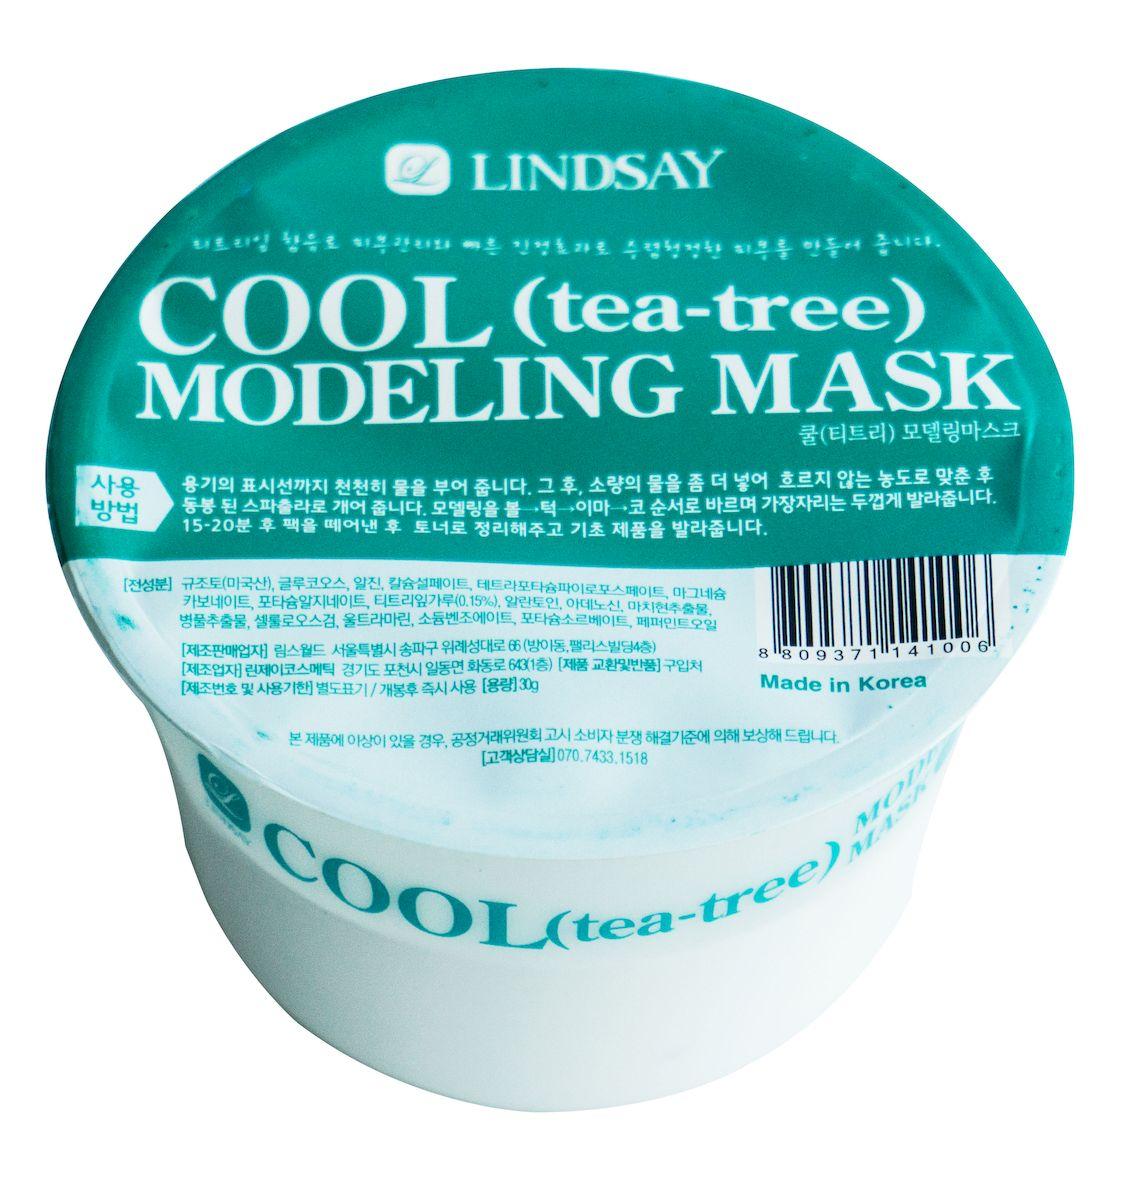 Lindsay Моделирующая альгинатная маска для лица, с экстрактом листьев чайного дерева, 30 г141006Альгинатные маски – популярное в салонах косметическое средство, основа которого – альгин, способствует более глубокому и эффективному проникновению активных компонентов в слои кожи. Листья чайного дерева обладают антиоксидантными, тонизирующими, противовоспалительными и регенерирующими свойствами. Устраняют проблемы чувствительной кожи с акне, регулируя работу сальных желез. Способ применения: 1. Залейте содержимое упаковки водой до установленной метки (линия по периметру упаковки) 2. Размешайте до образования однородной гелеобразной массы 3. Нанесите маску на лицо 3. Оставьте на лице на 15-20 минут 4. Начиная с нижнего края, аккуратно удалите маску с лица. Меры предосторожности: при возникновении раздражения прекратите использование и обратитесь к дерматологу. При попадании продукта в глаза обильно промойте их водой. Храните в защищенном от прямых солнечных лучей месте, недоступном для детей. Состав: Диатомовая земля, глюкоза, альгин, сульфат кальция, пирофосфат...